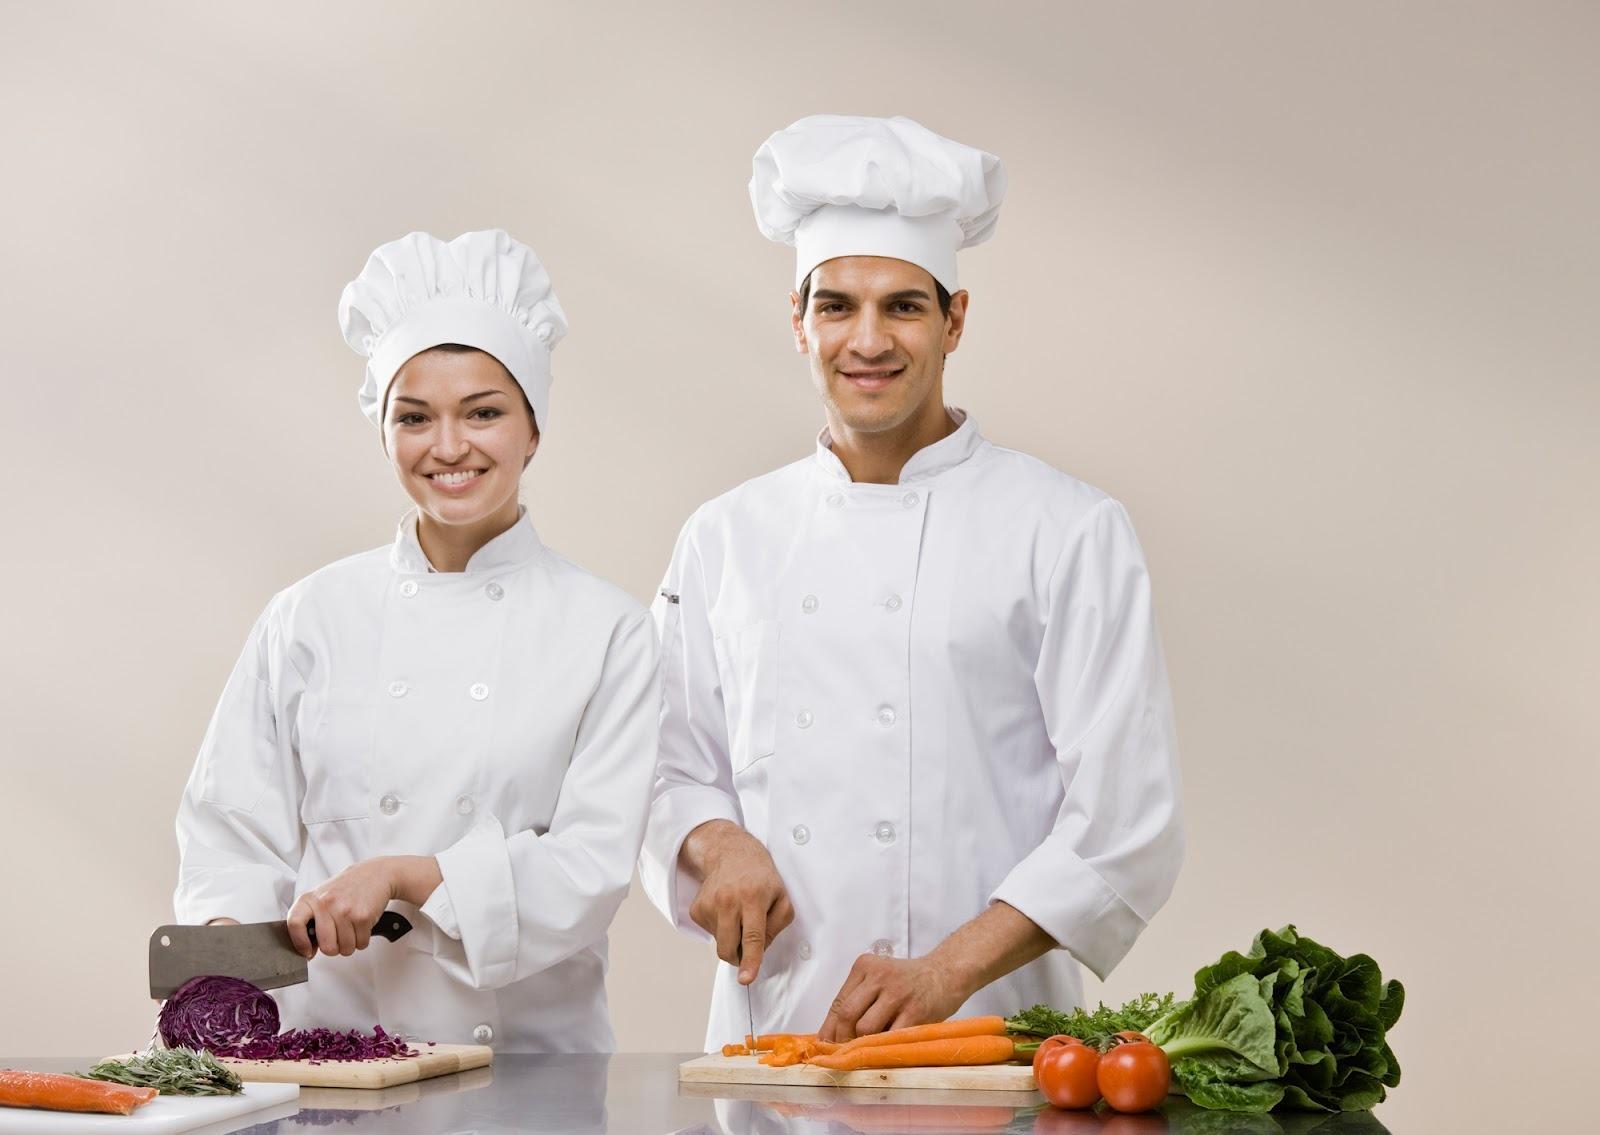 Técnicas Culinárias e os Níveis de Preservação dos Nutrientes: Descubra Qual a Forma Mais Saudável